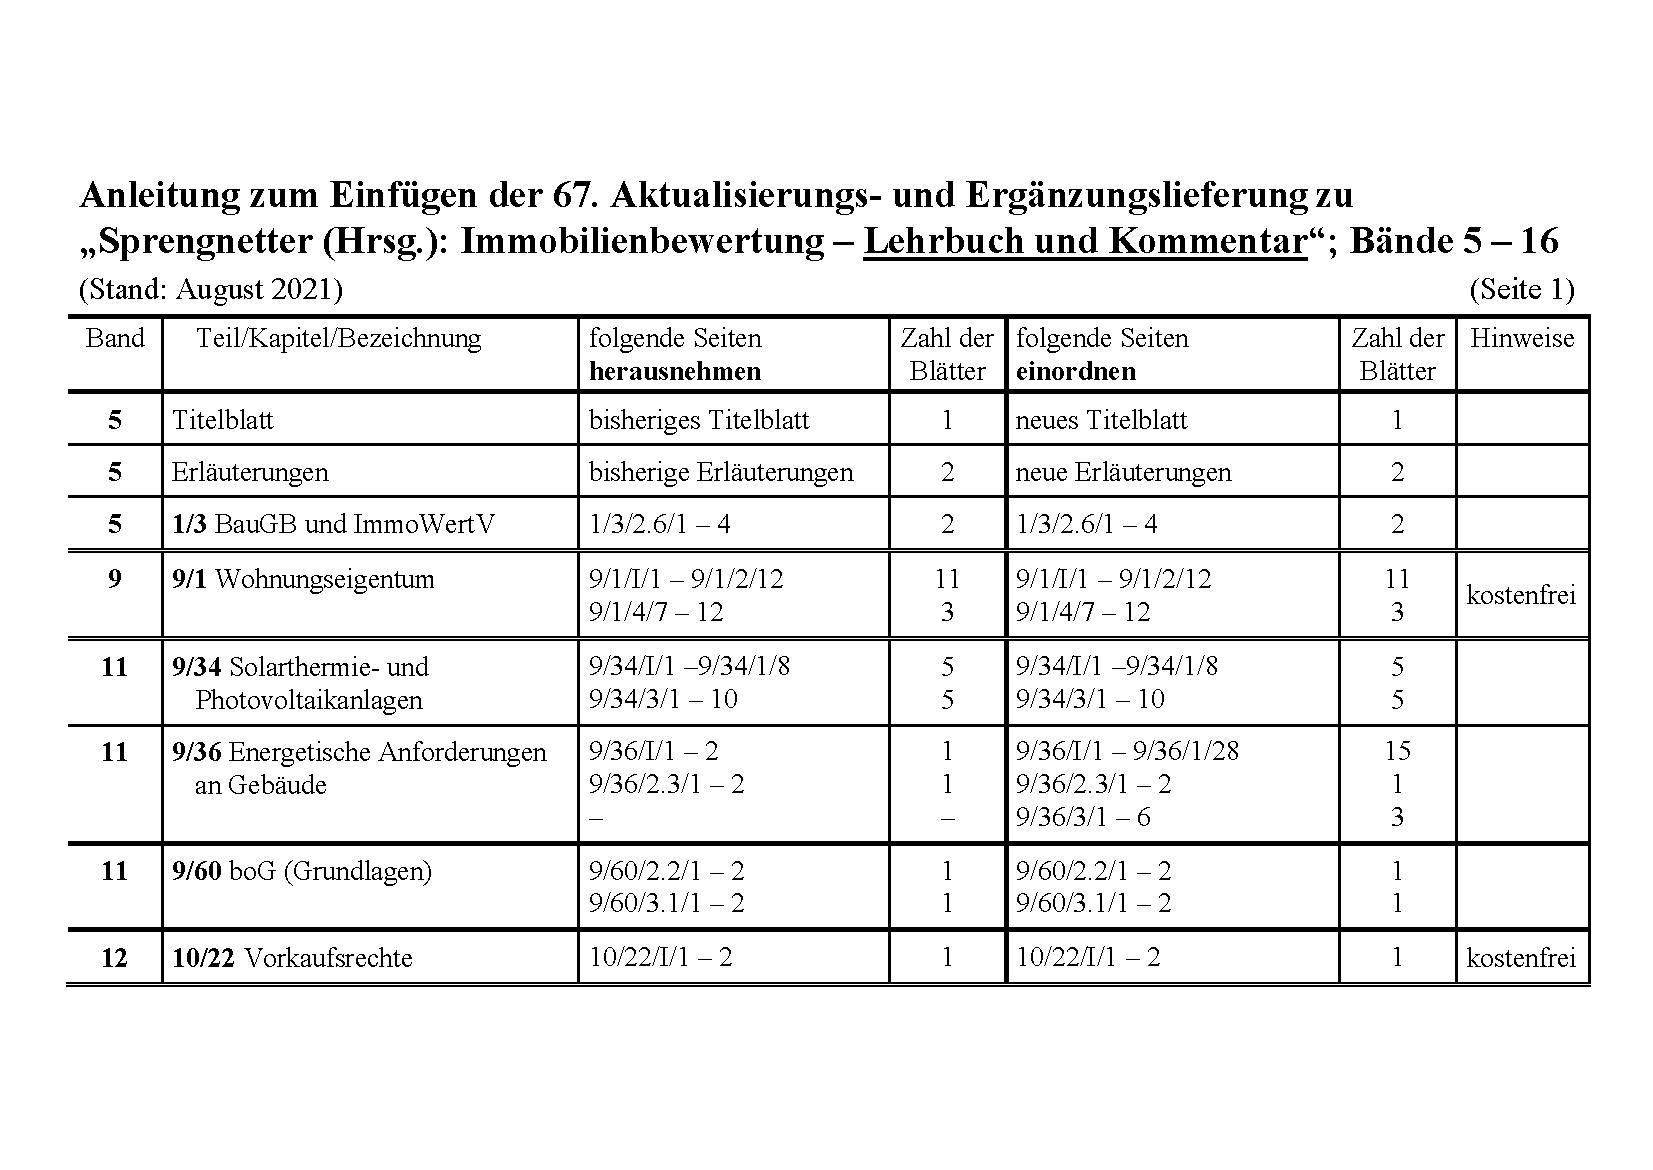 Ergänzungslieferungen 2021 Lehrbuch und Kommentar